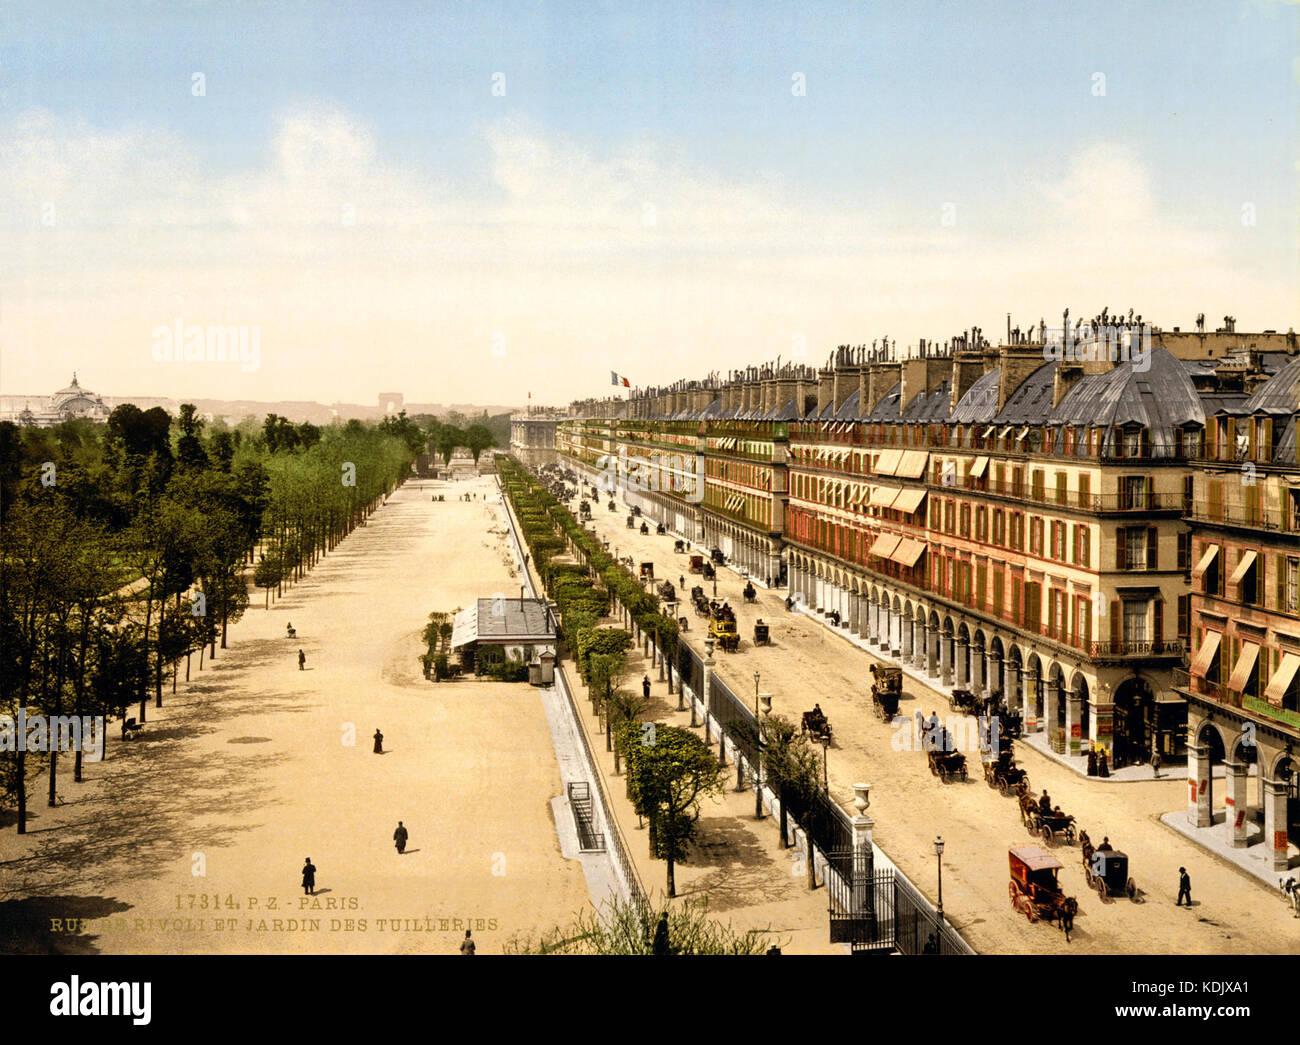 La rue de Rivoli et Jardin des Tuilleries, Exposición Universal de 1900, París, Francia Foto de stock